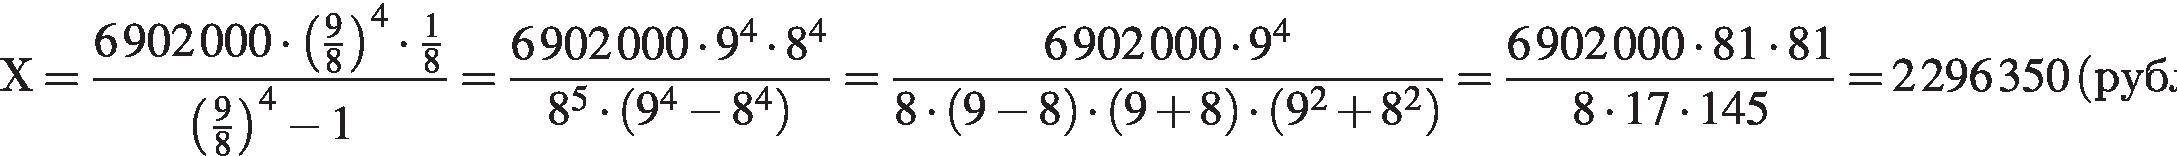 http://reshuege.ru/formula/21/2112efb00a0a1c79e06747ca43101f77p.png